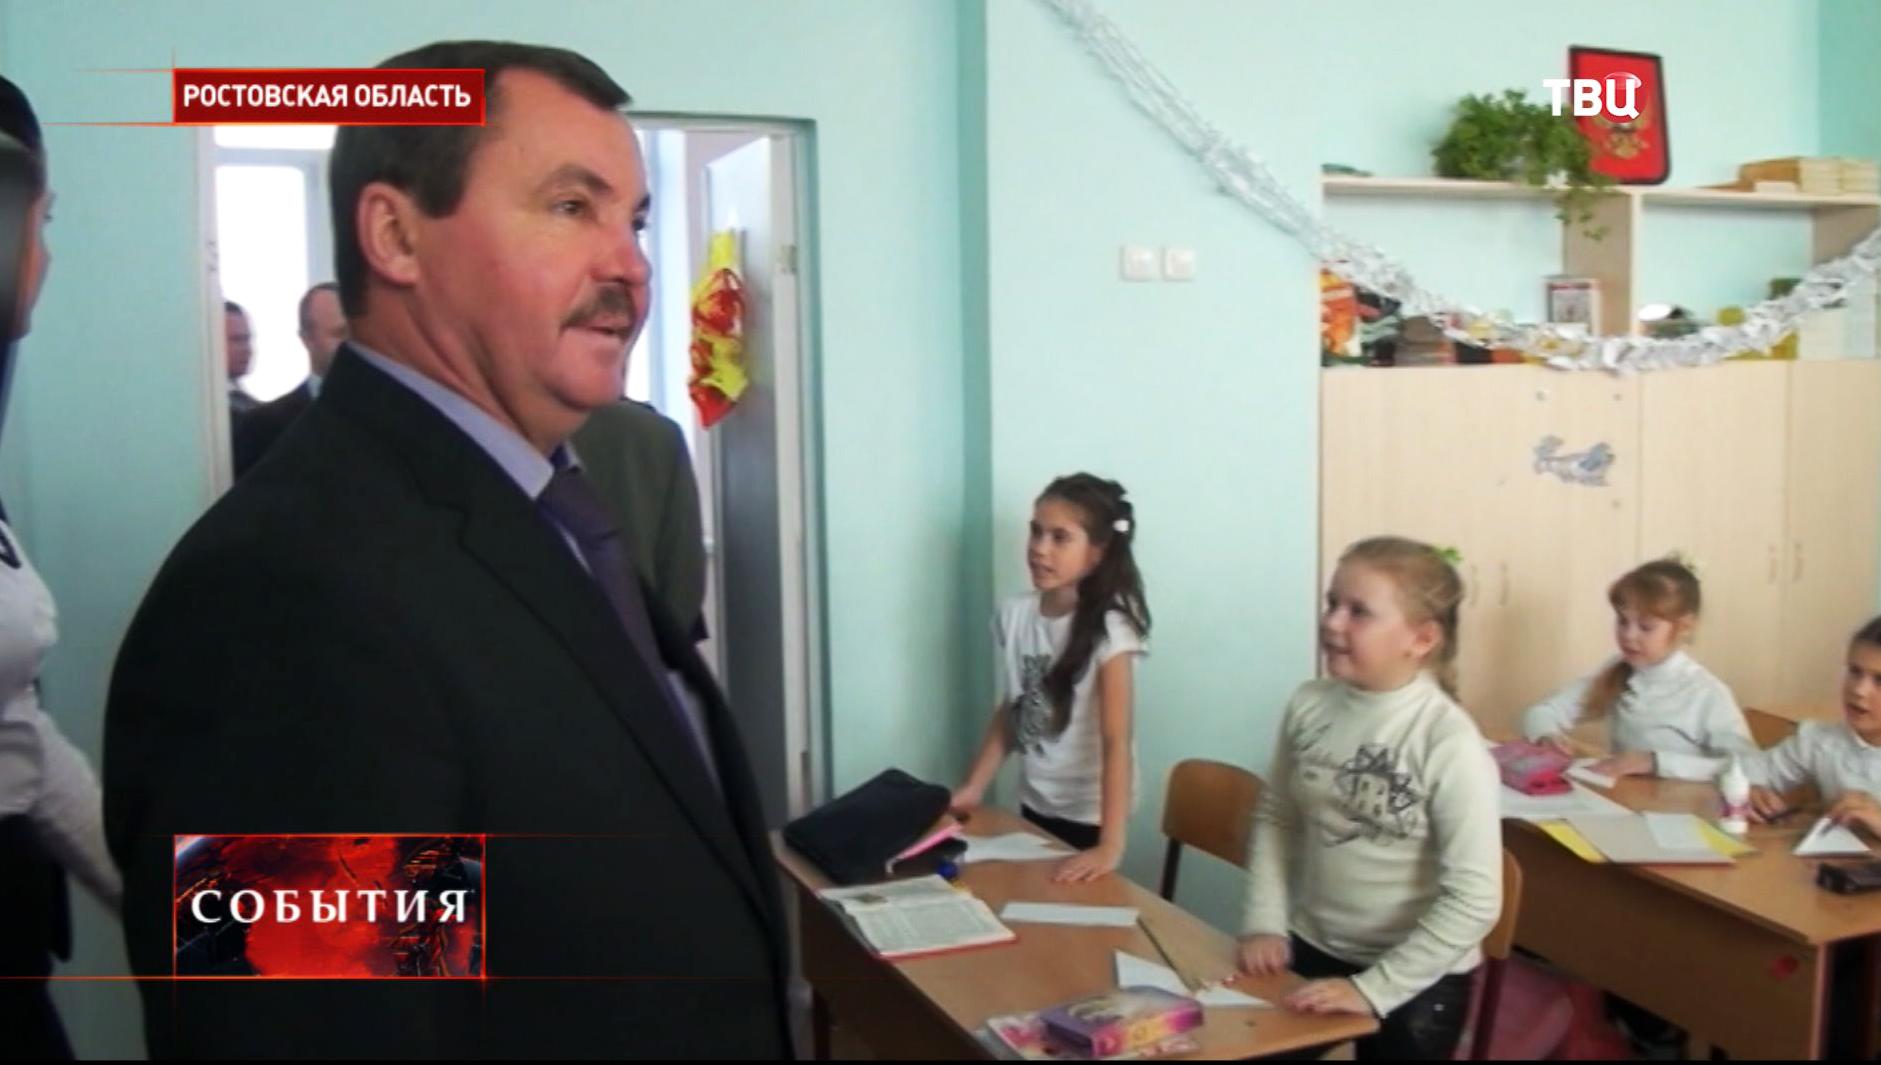 Представители ПАСЕ во время посещения школы в Ростове